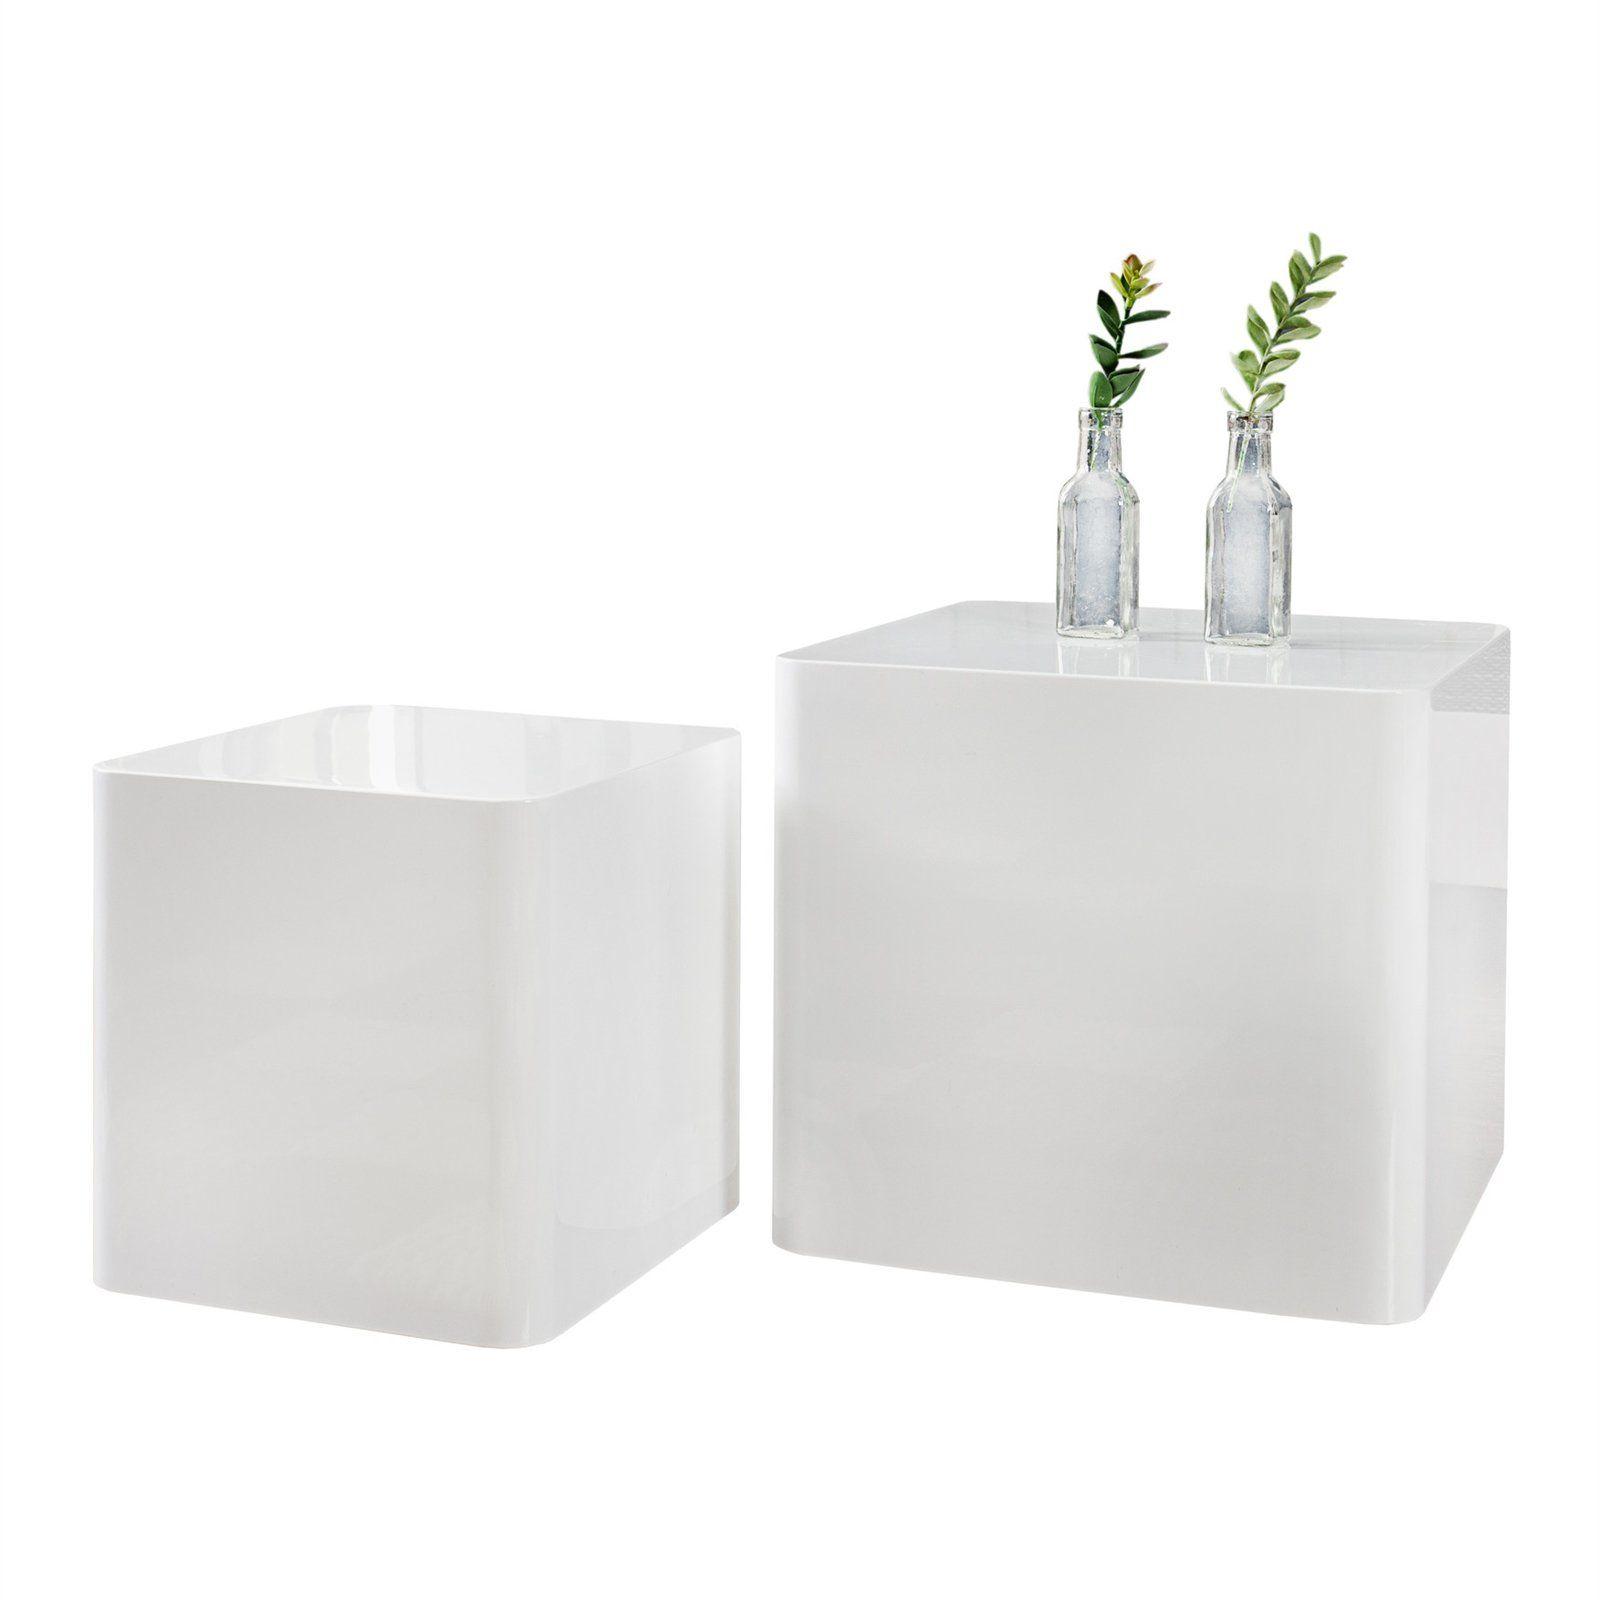 Design Delights Modernes Beistelltisch Set Loft 2er Set Weia Hochglanz Couchtisch W Rfel In 2020 Decor Home Decor Facial Tissue Holder